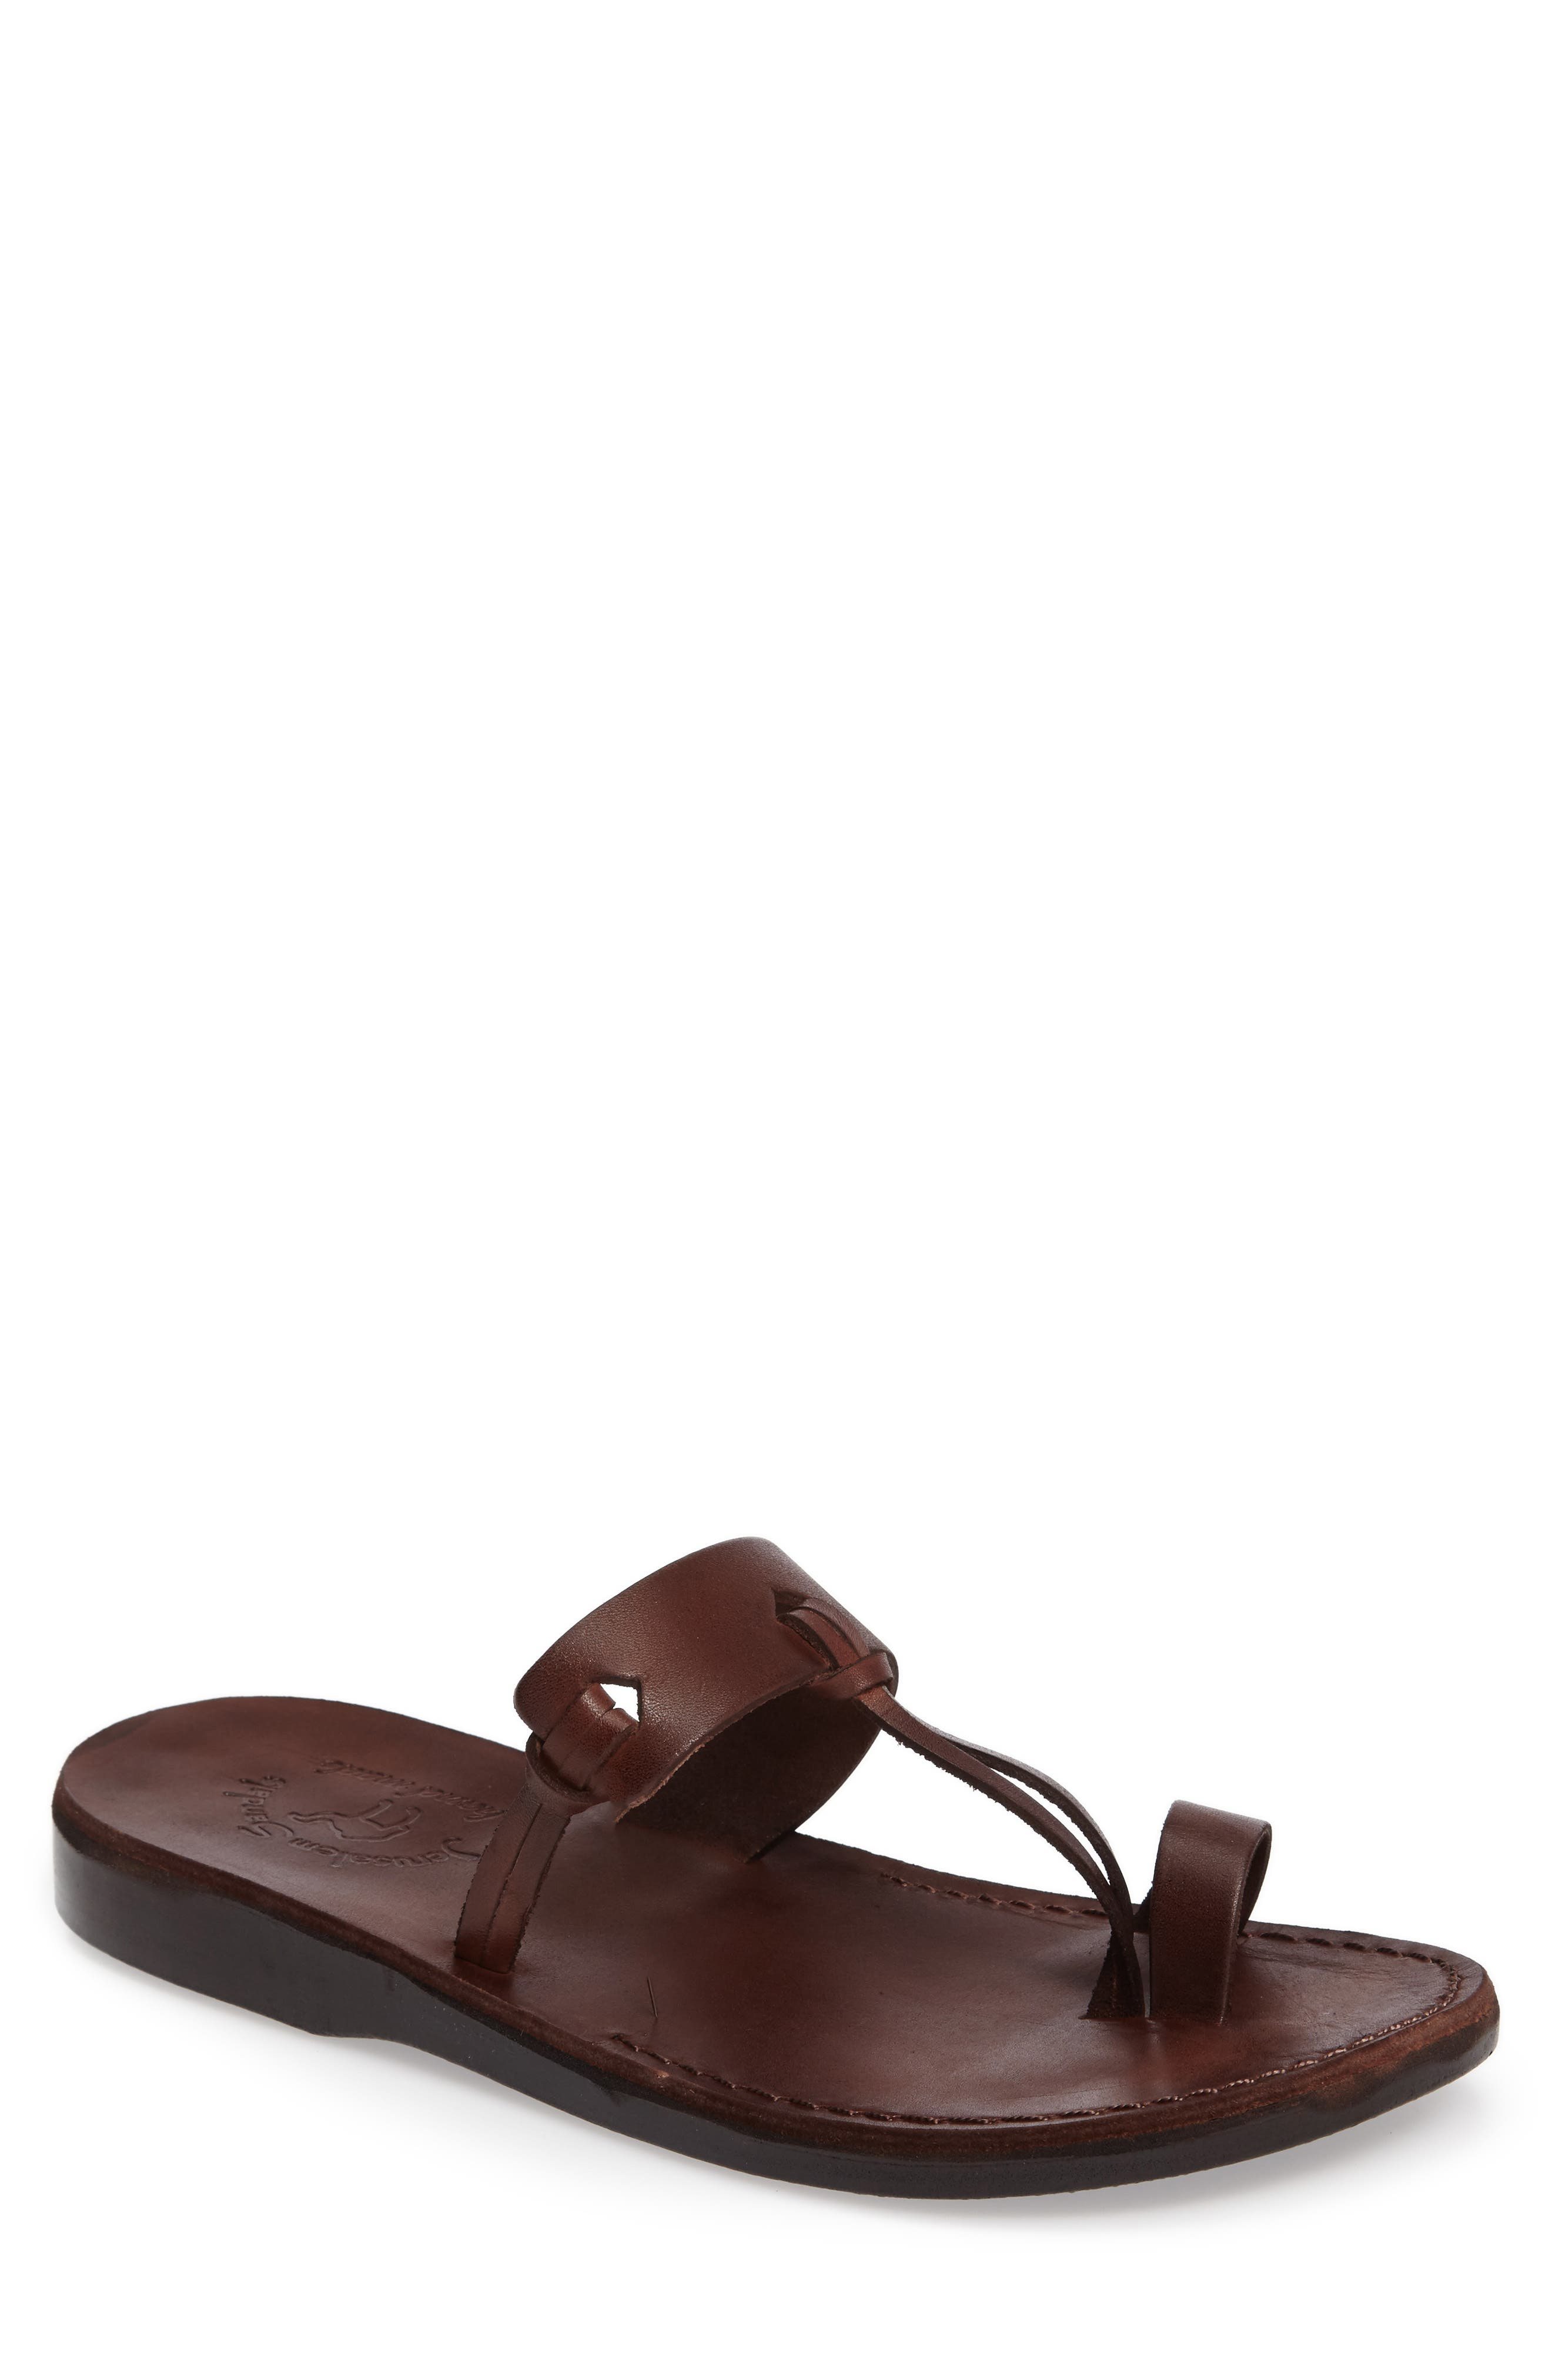 David Toe-Loop Sandal,                         Main,                         color, Brown Leather